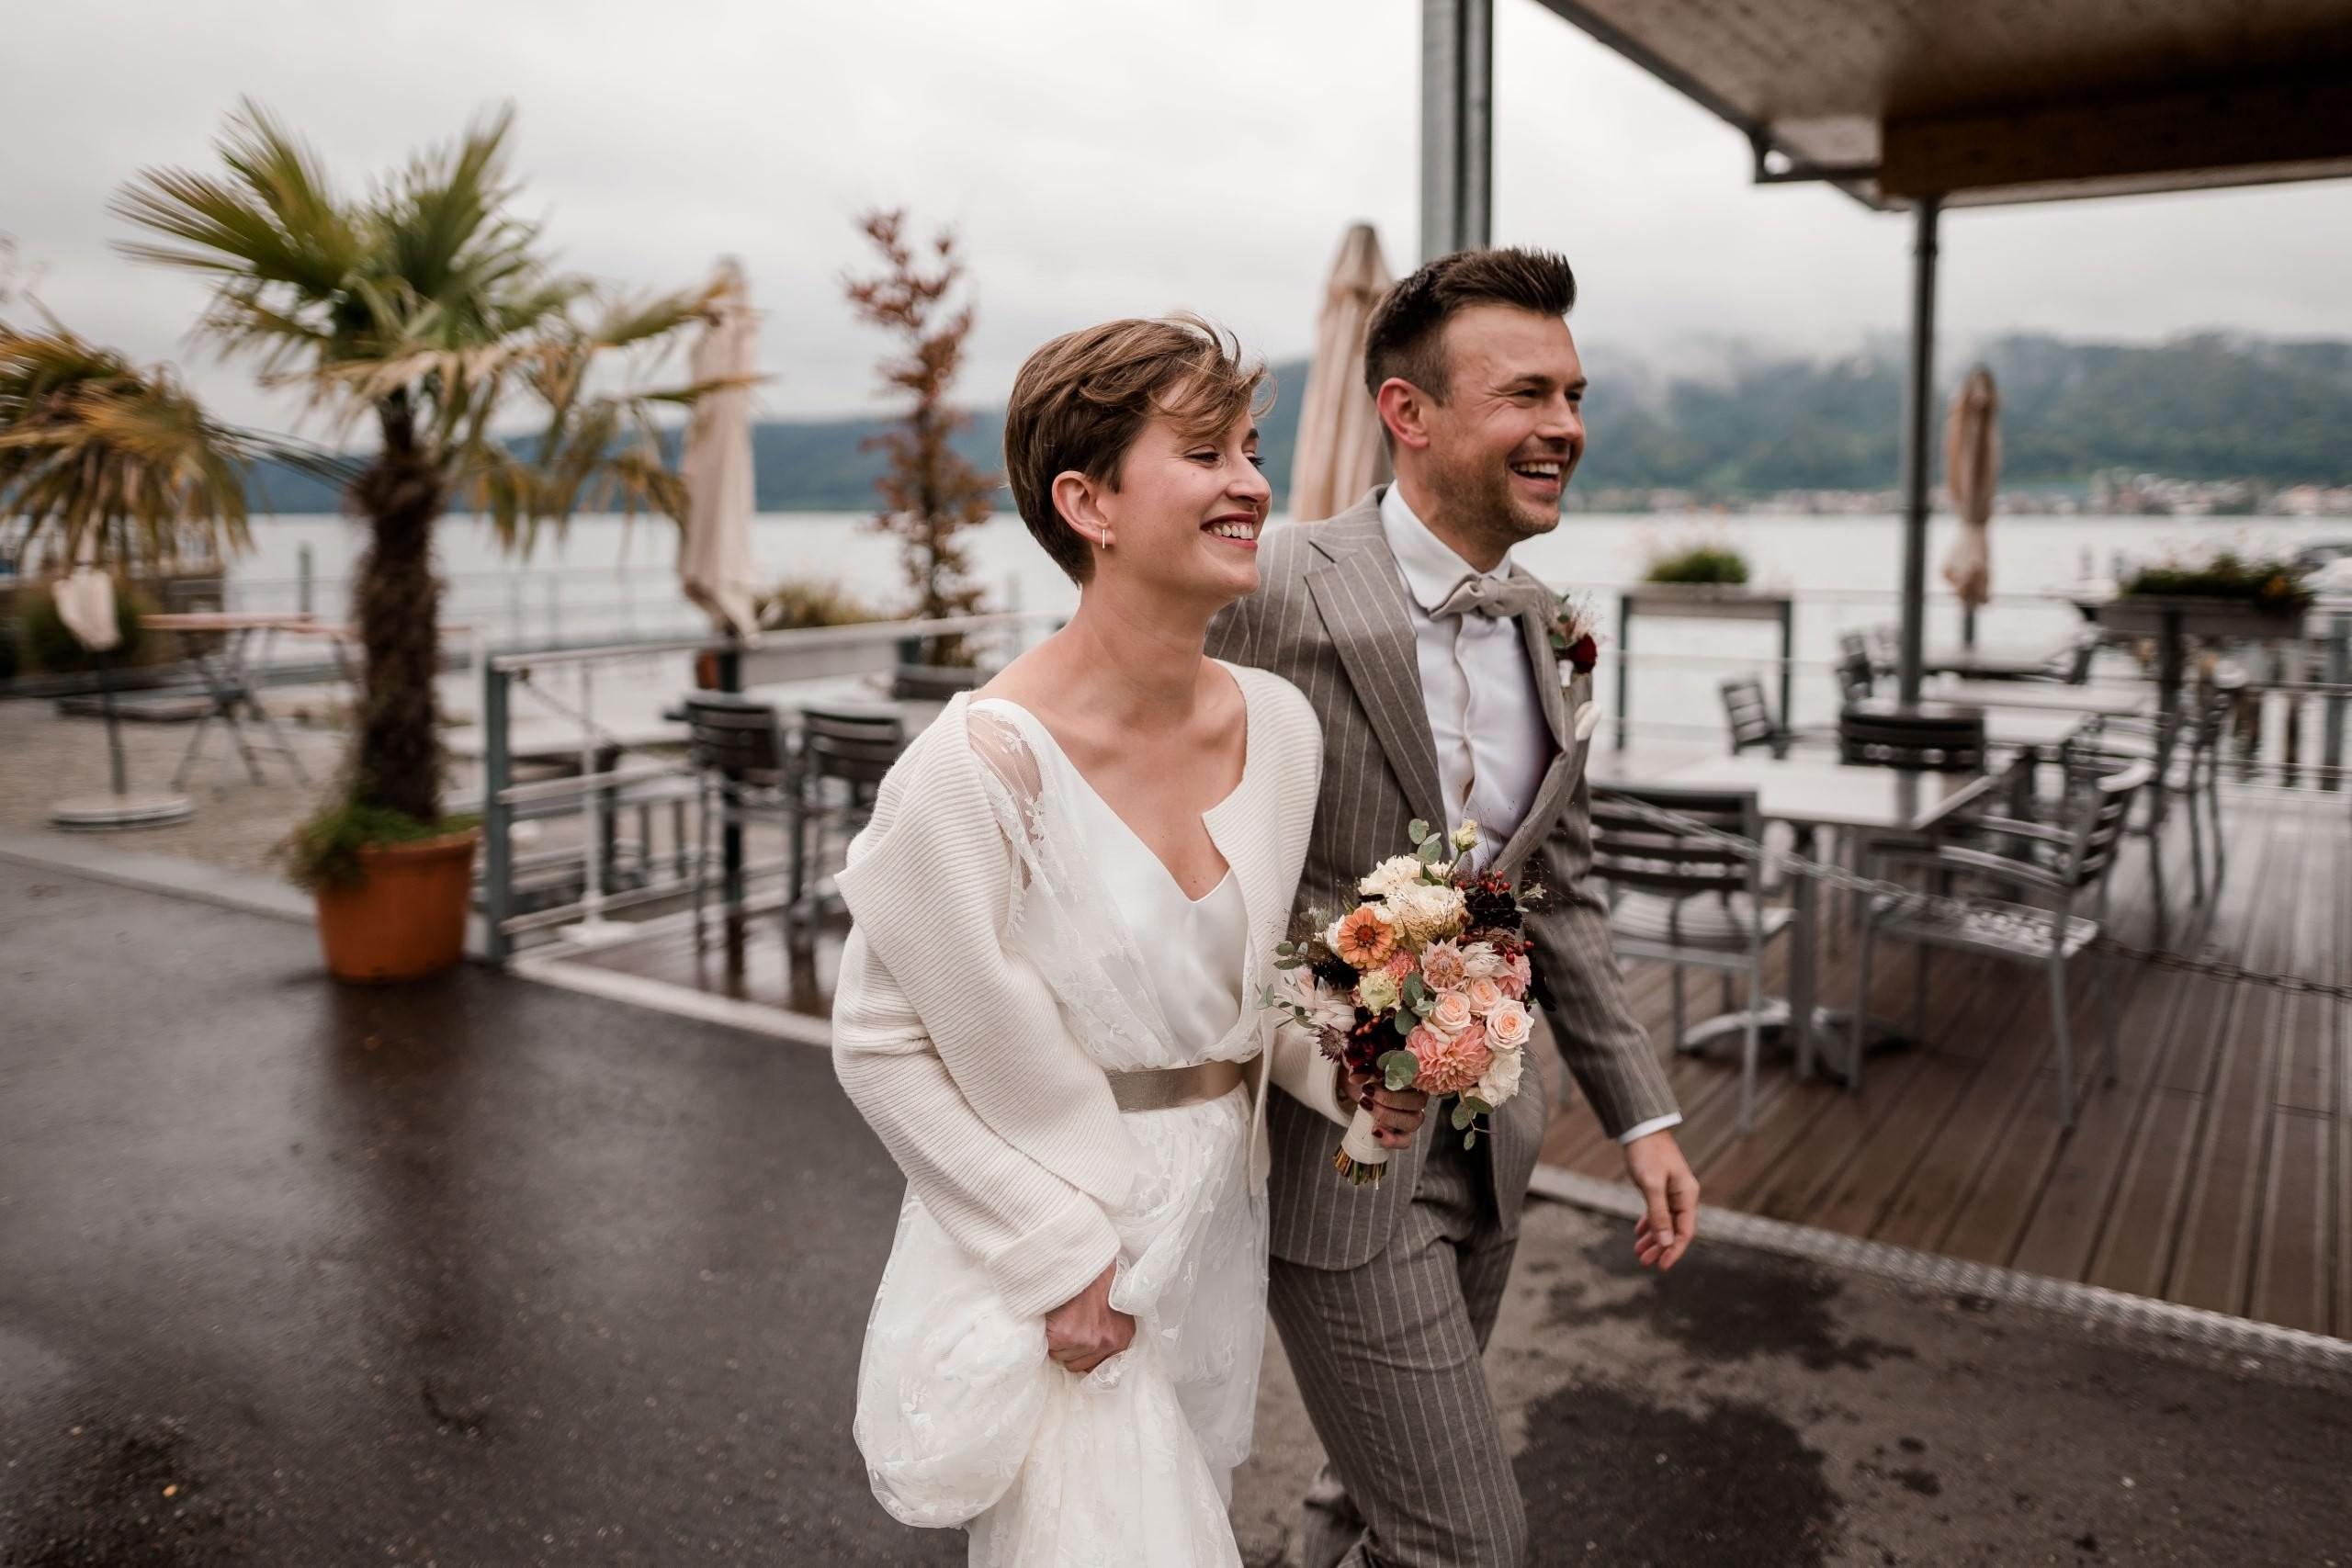 Aida + Tim | Hochzeitsfotografen am Bodensee fkn_0284_041019